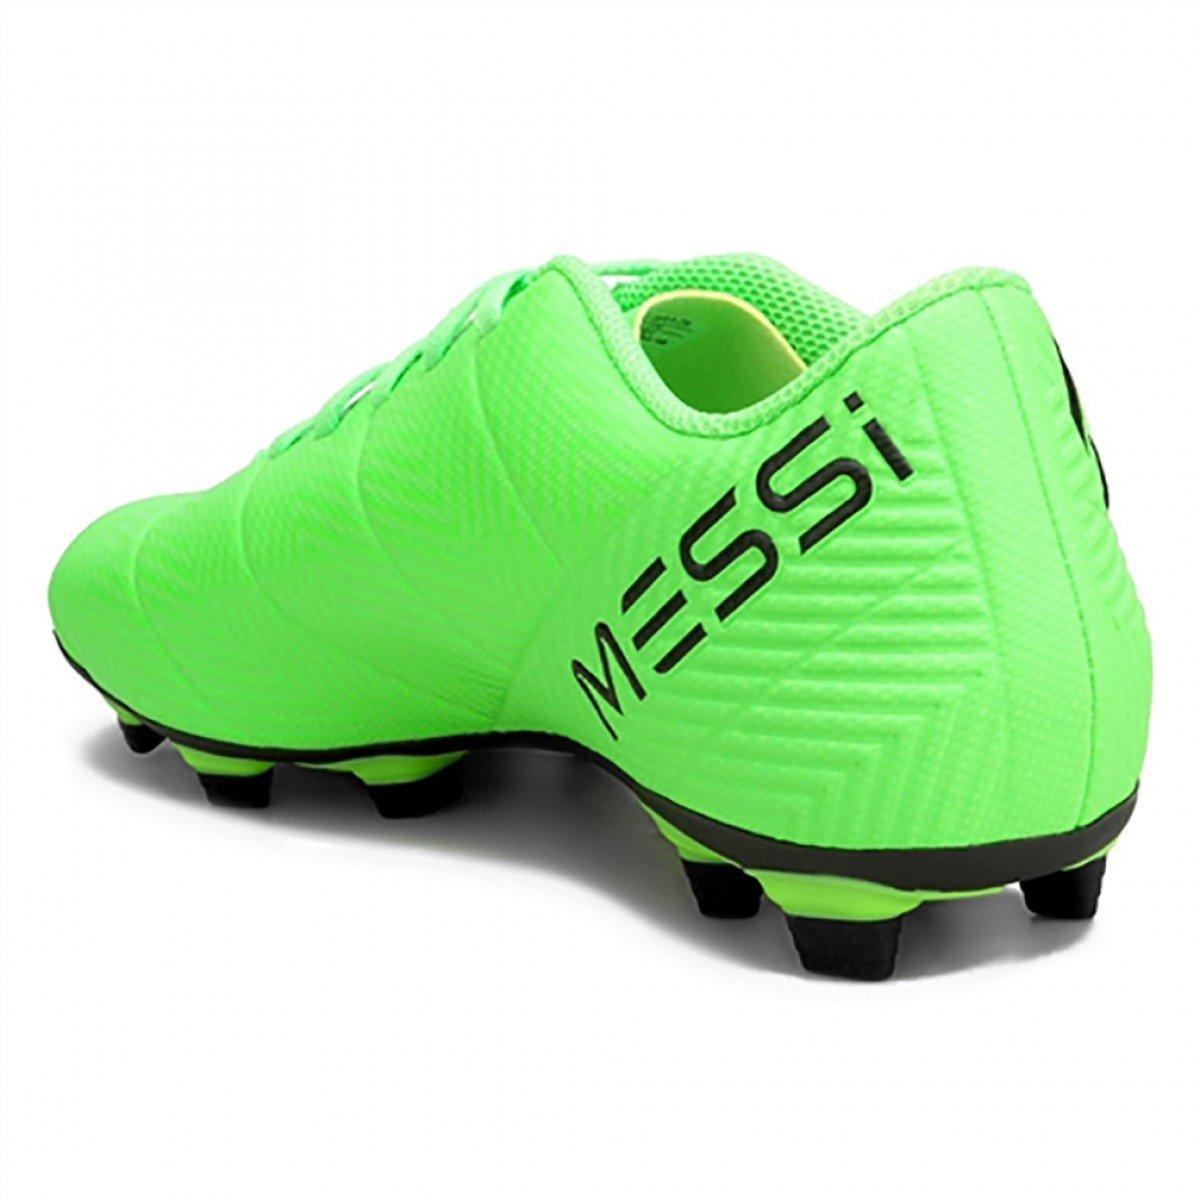 Chuteira Campo Adidas Nemeziz Messi 87.4 FxG Verde - Compre Agora ... 0da62ed034965